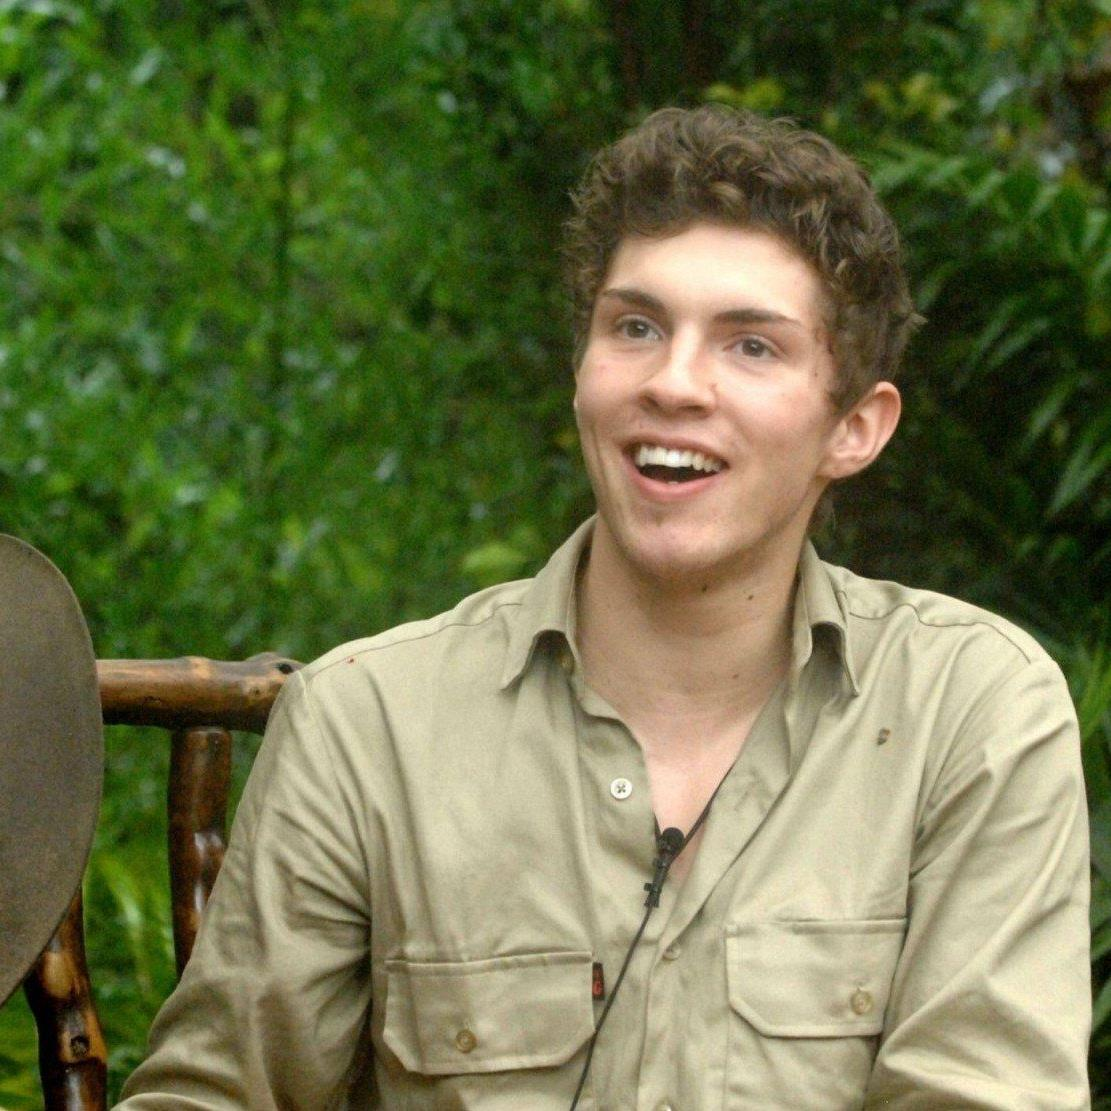 Joey Heindle ist Dschungelkönig 2013.